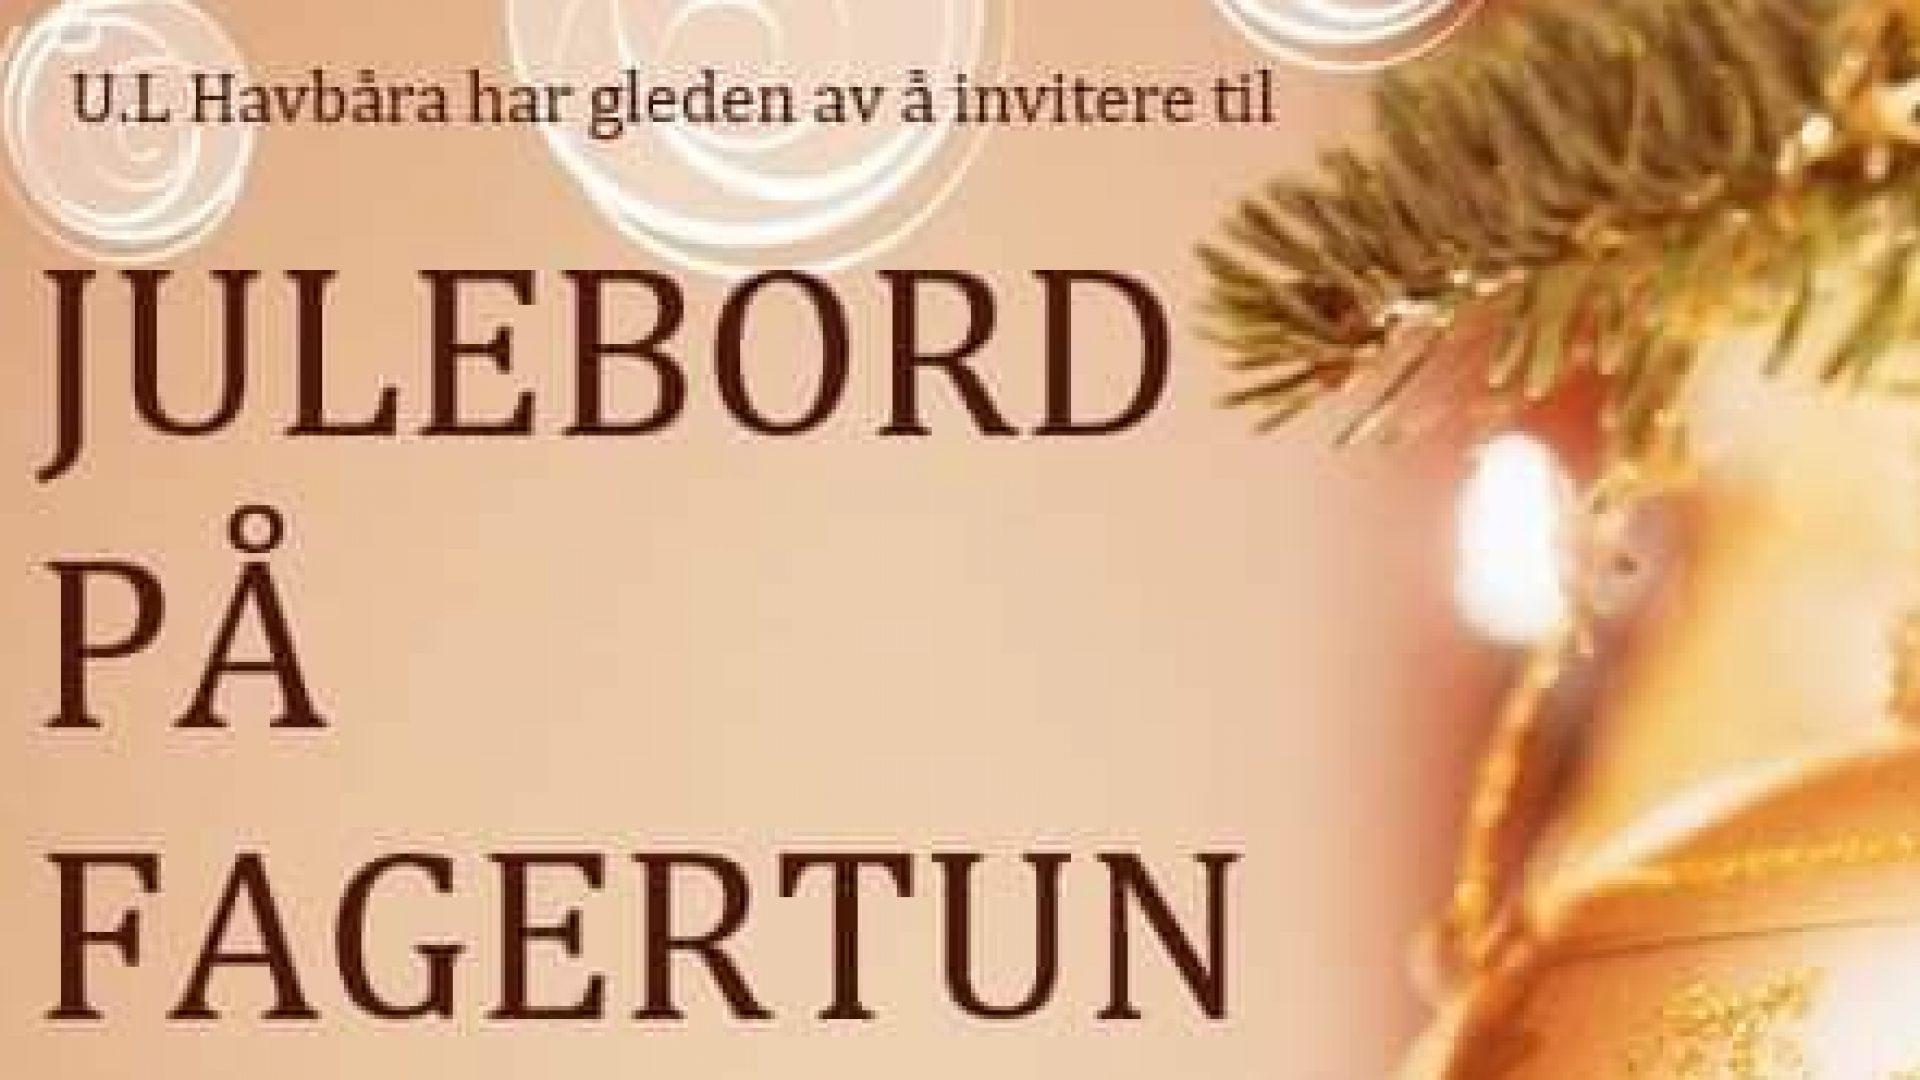 invitasjon til julebort på Fagertun